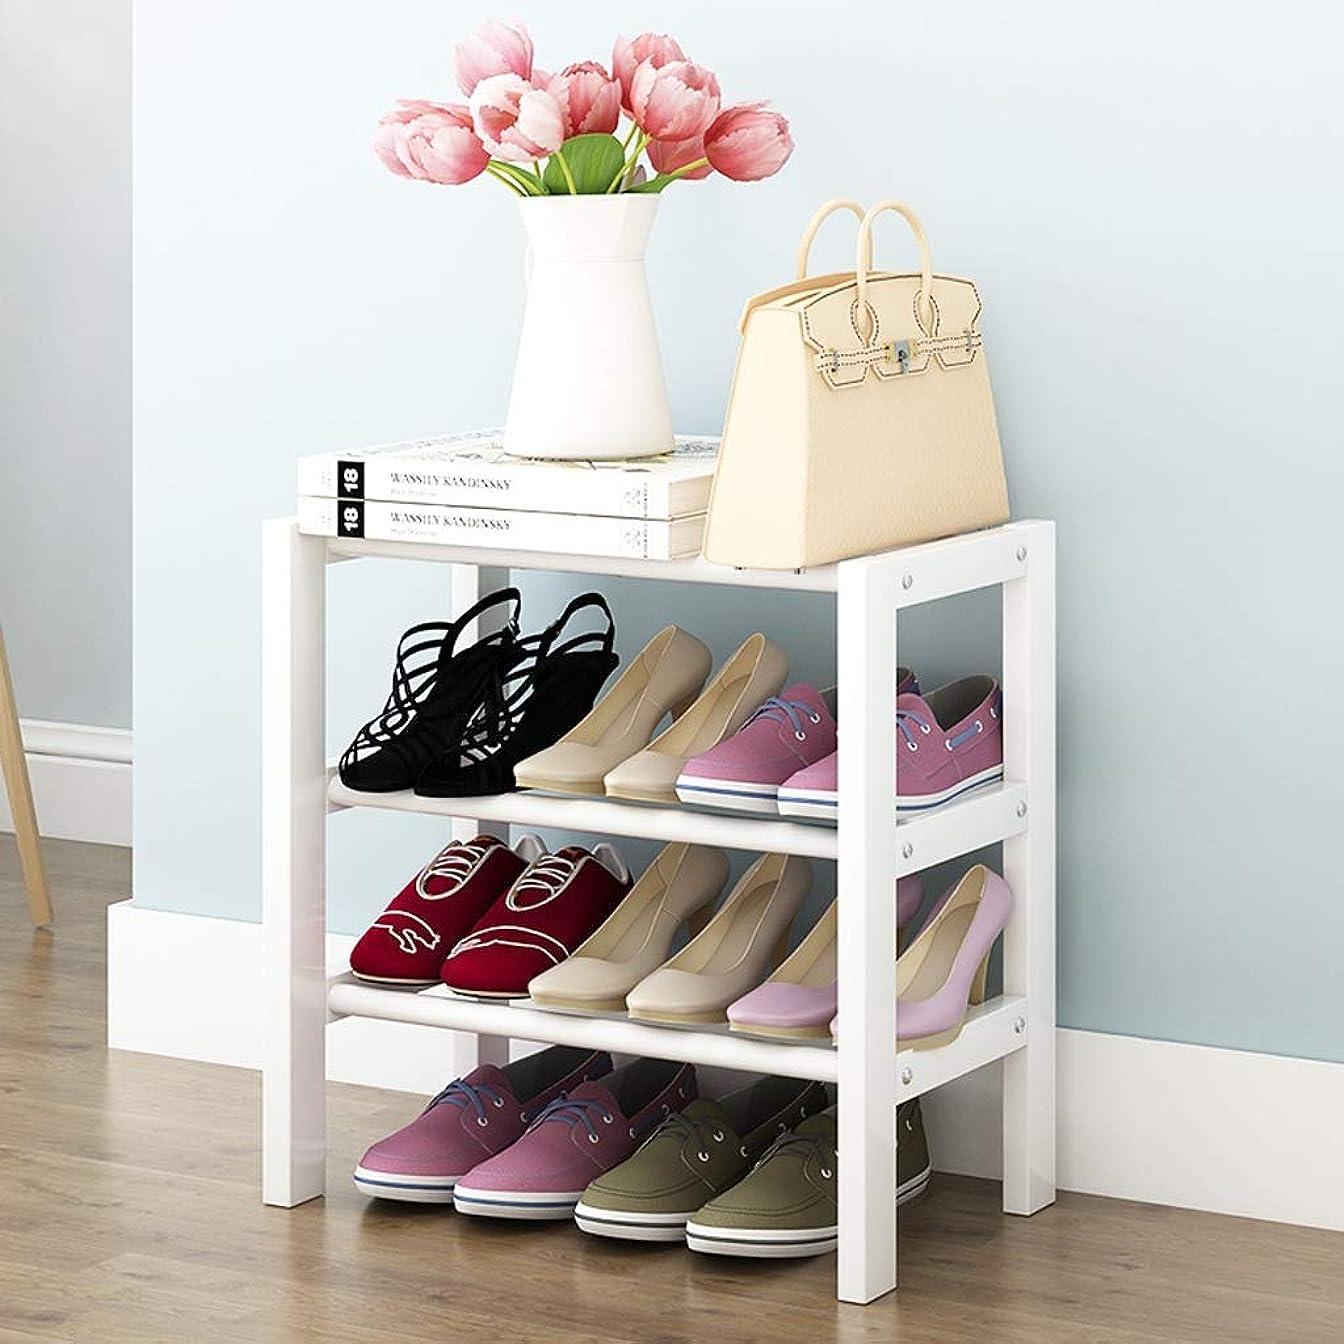 準拠マイクロプロセッサ実験LWBUKK シンプルな靴箱小さな木製の多層アセンブリ取り外し可能な靴のキャビネット家庭用経済的な収納 靴箱